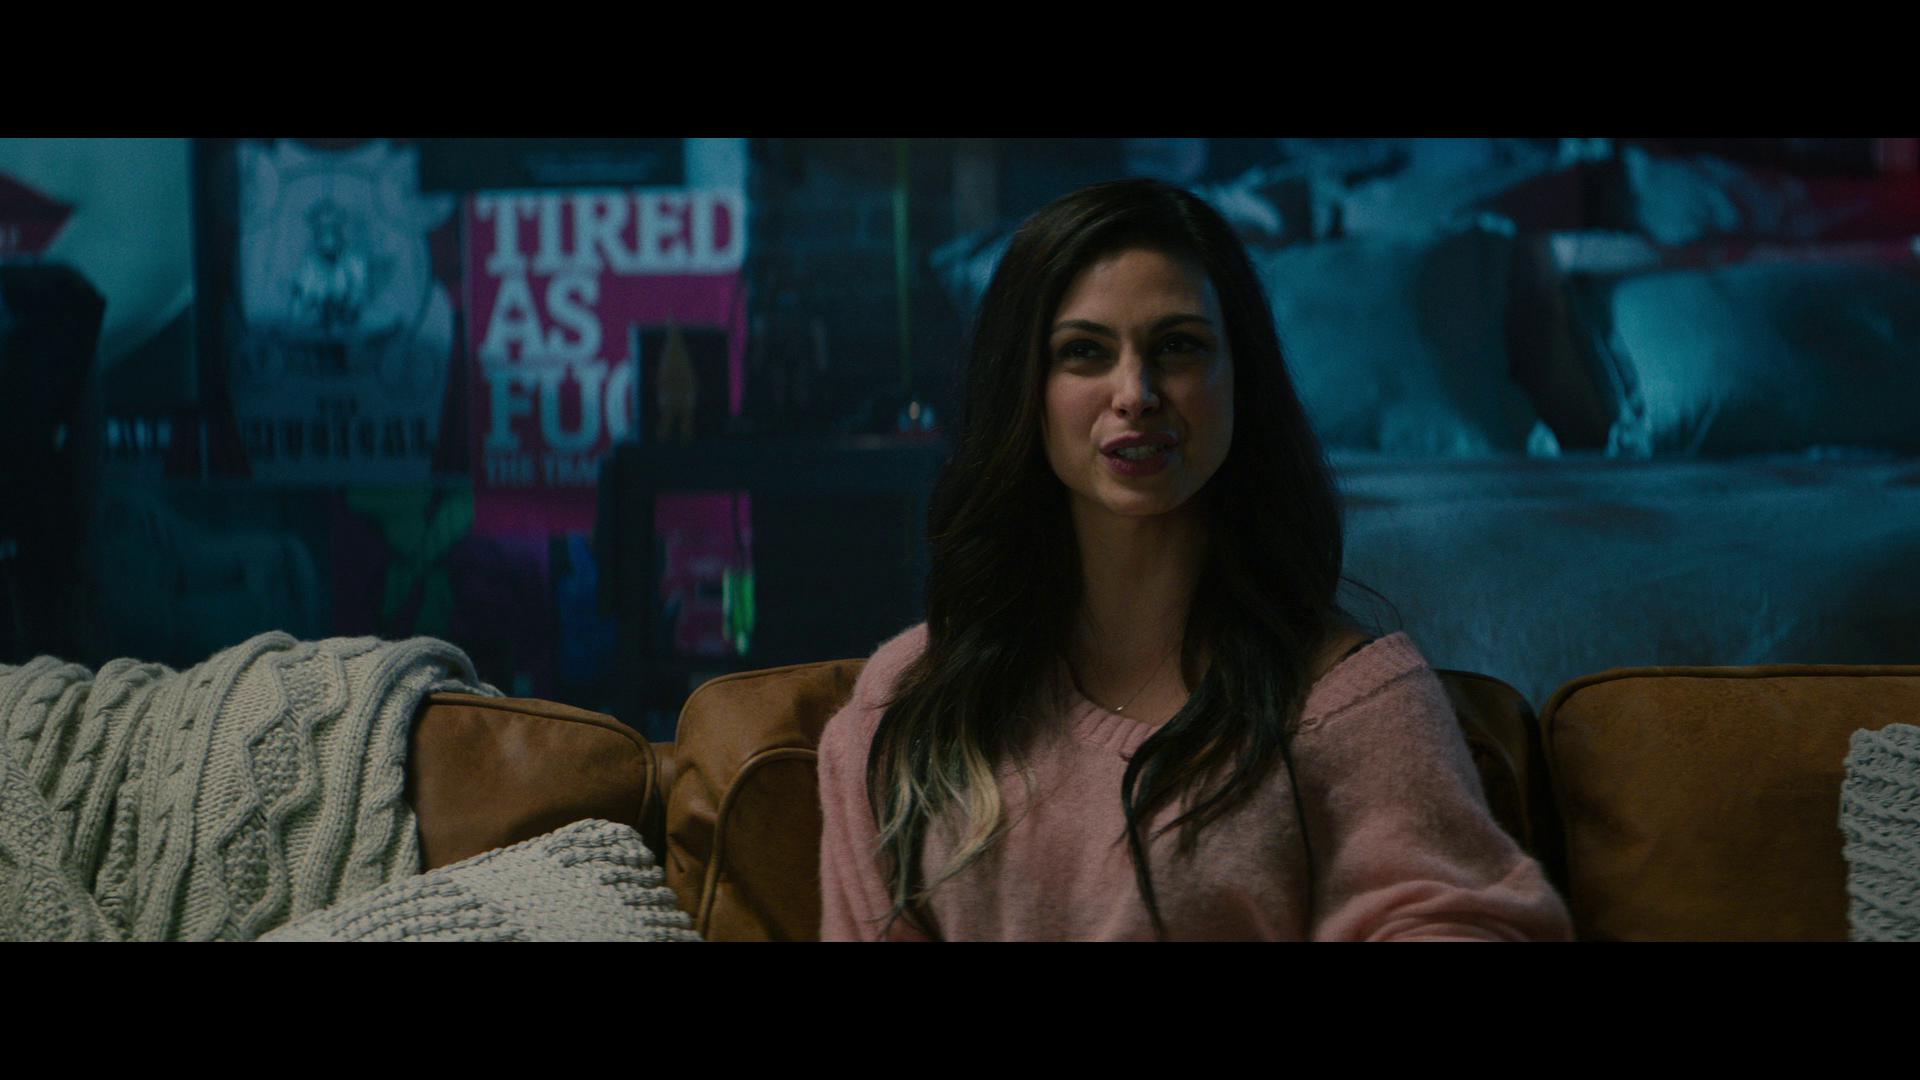 Deadpool 2 (2018) Blu-ray 1080p AVC DTS-HD MA 7.1-MTeam